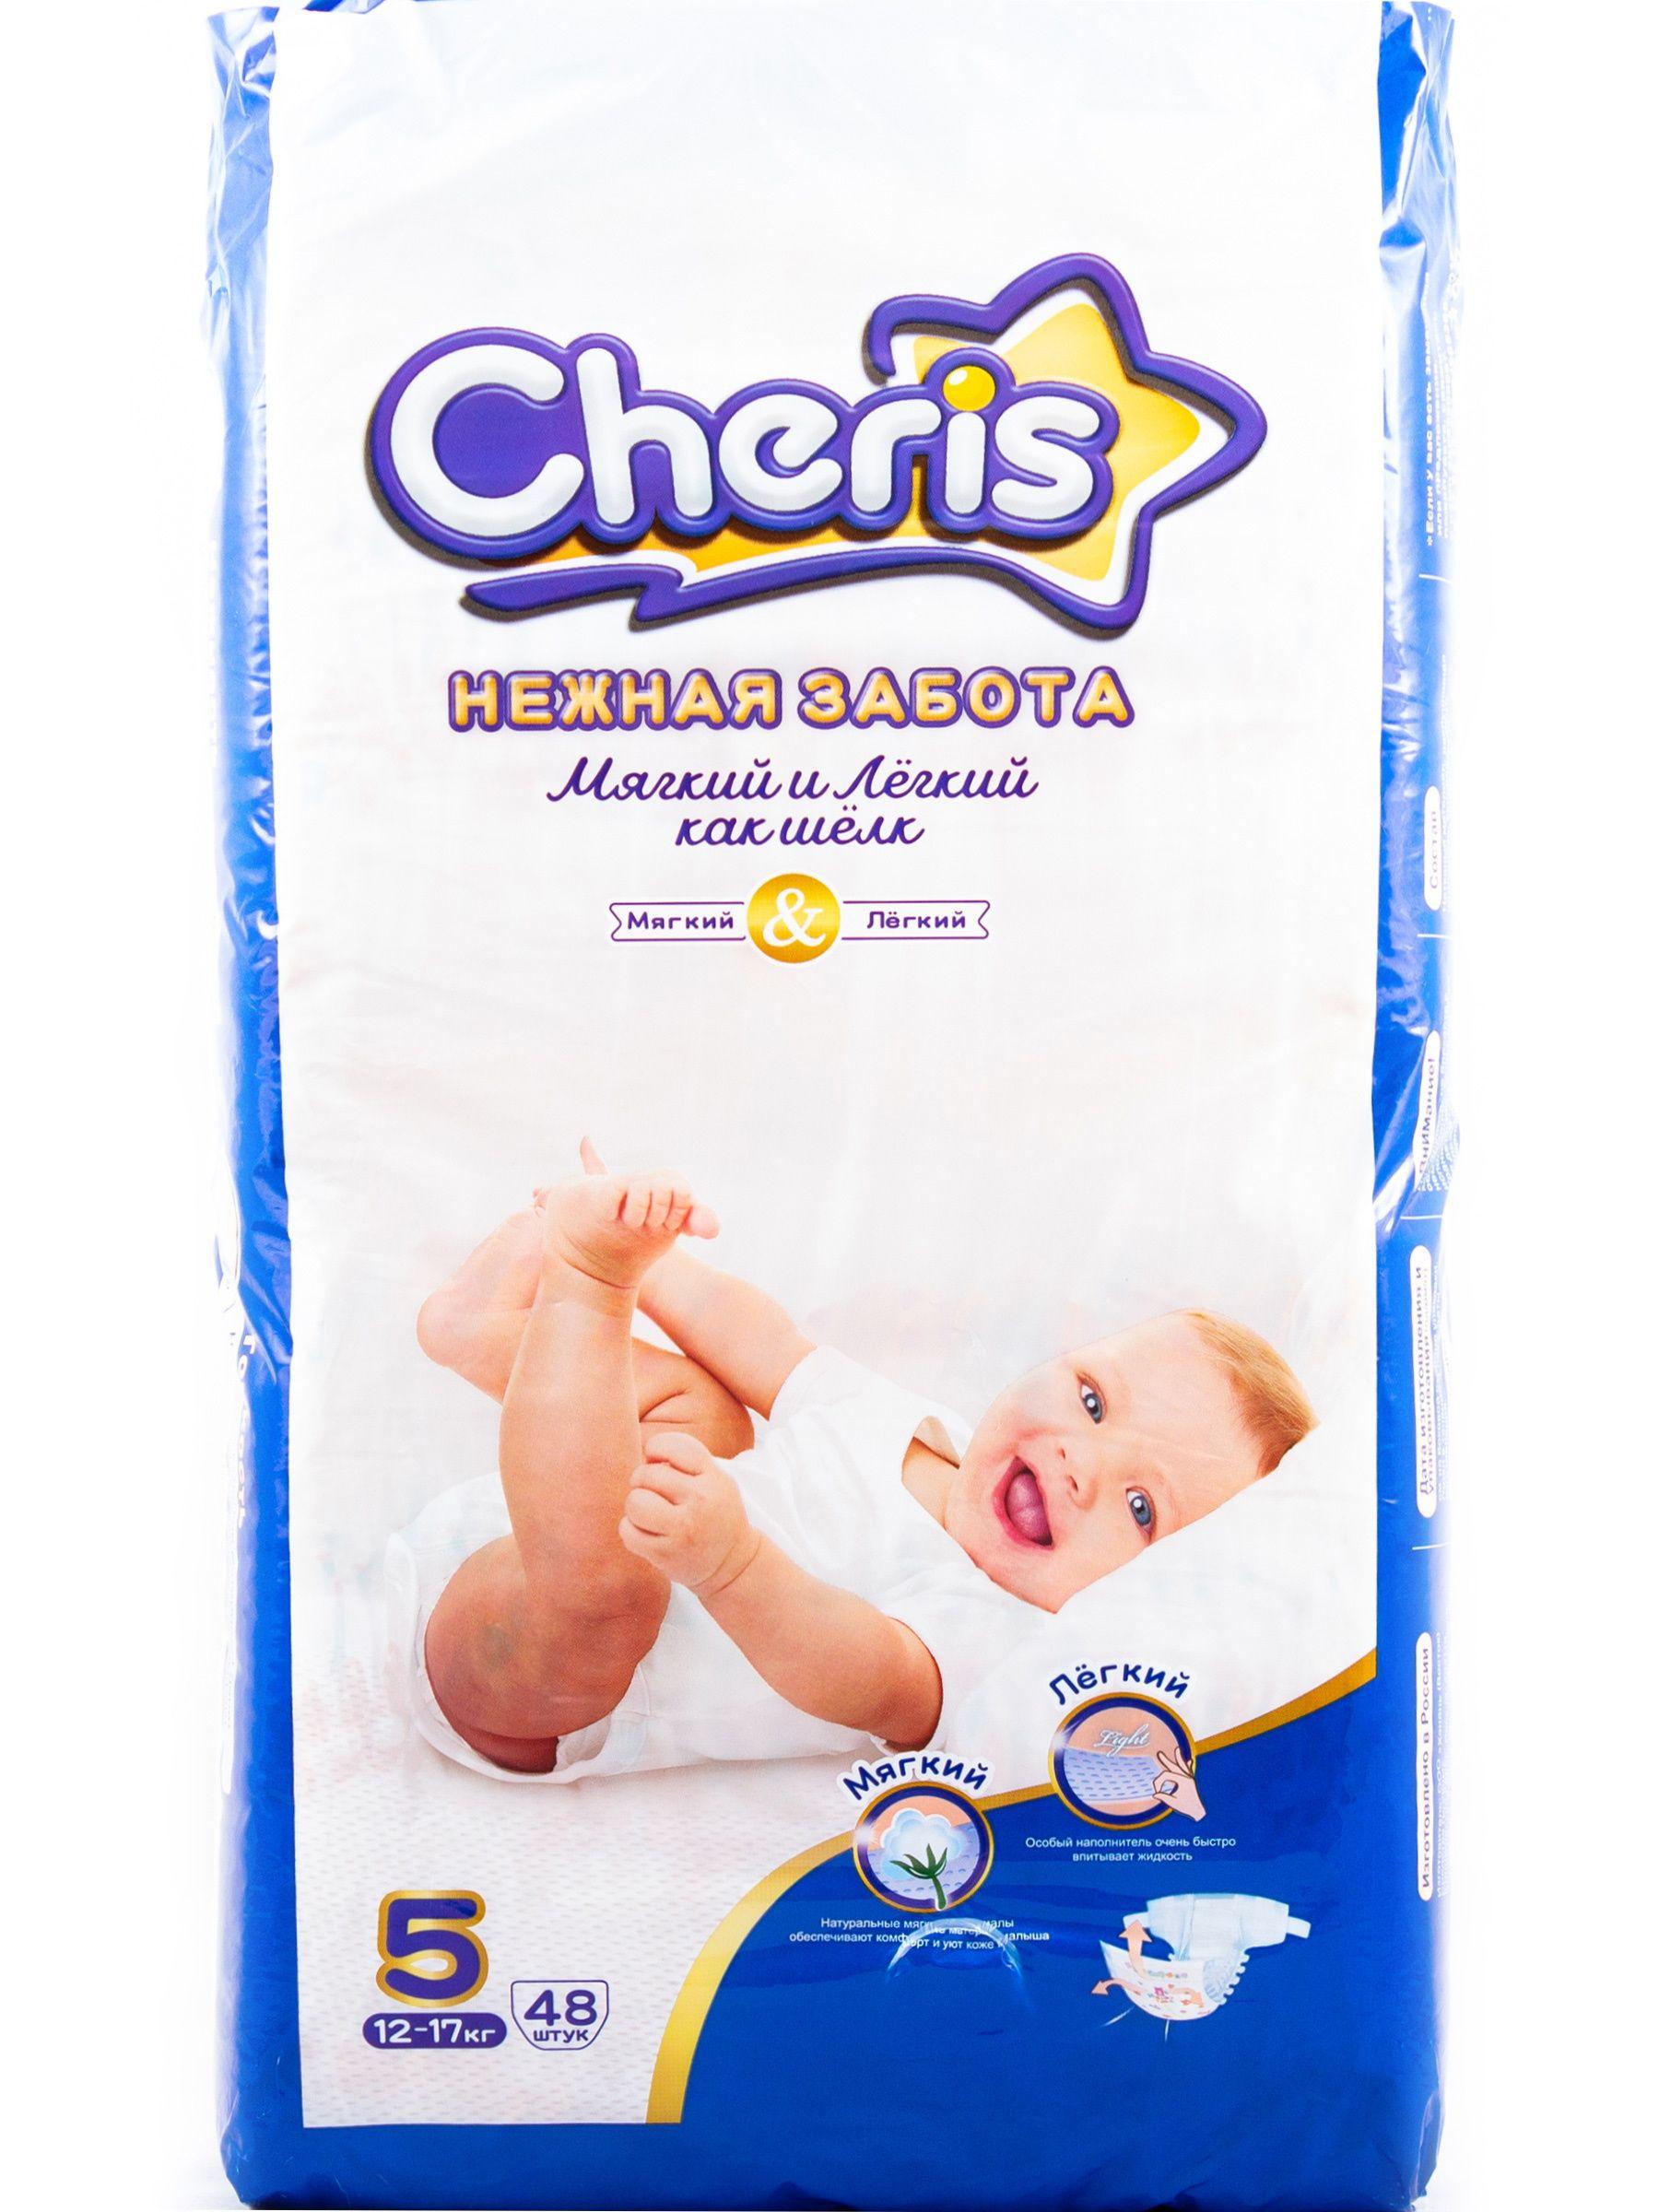 Подгузники для детей CHERIS бумажные 12-17 кг, 48 шт.